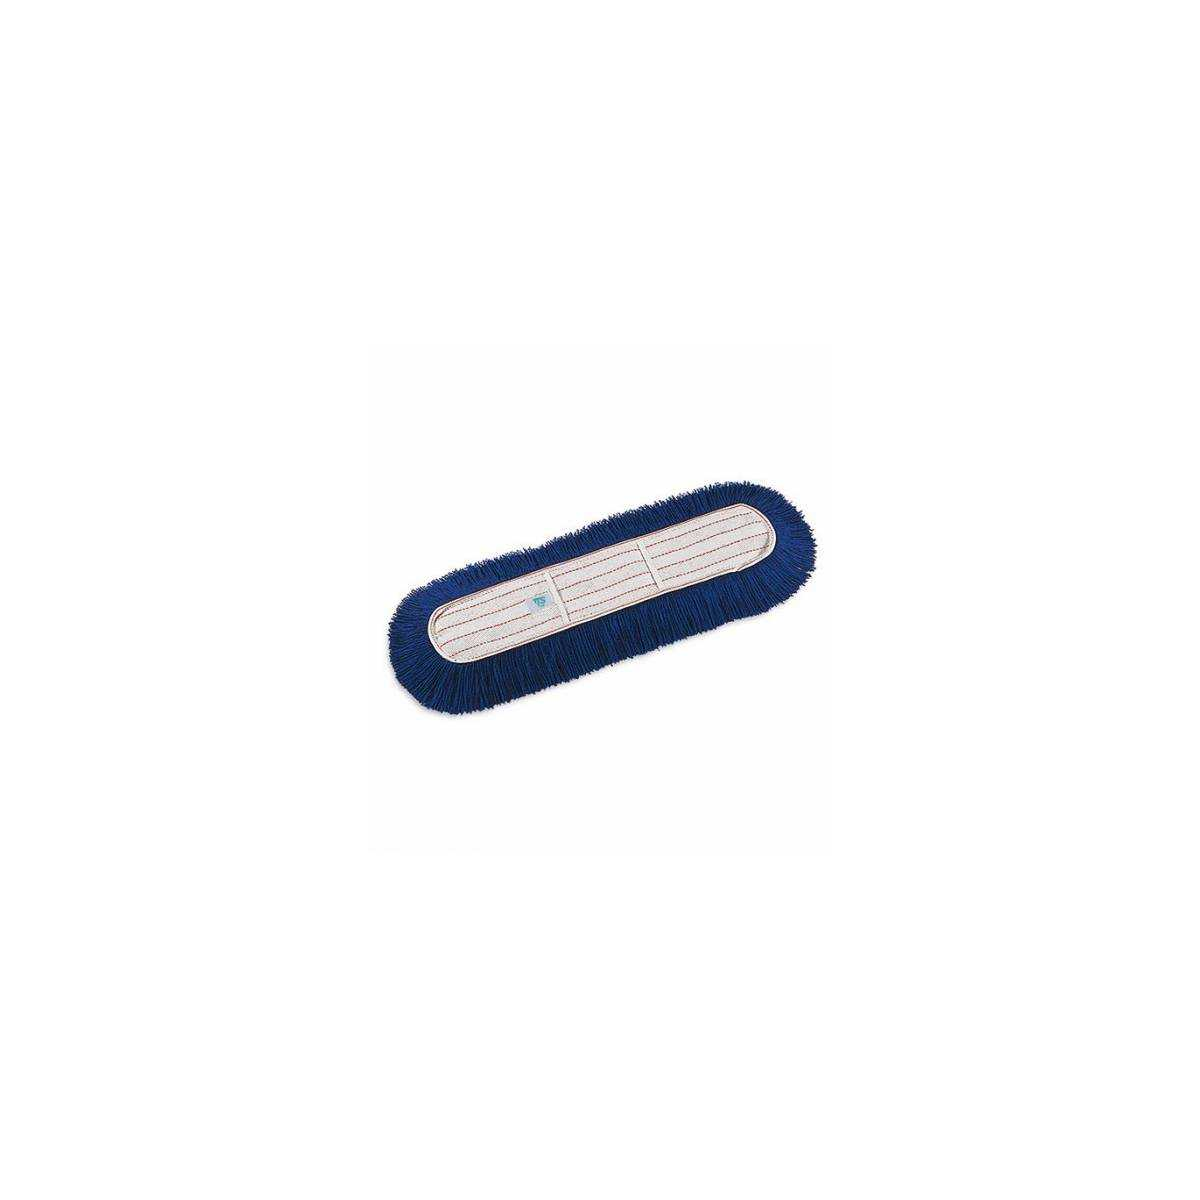 Моп (запаска) для сухой уборки акрил 100см Middle Acrilico 144 TTS